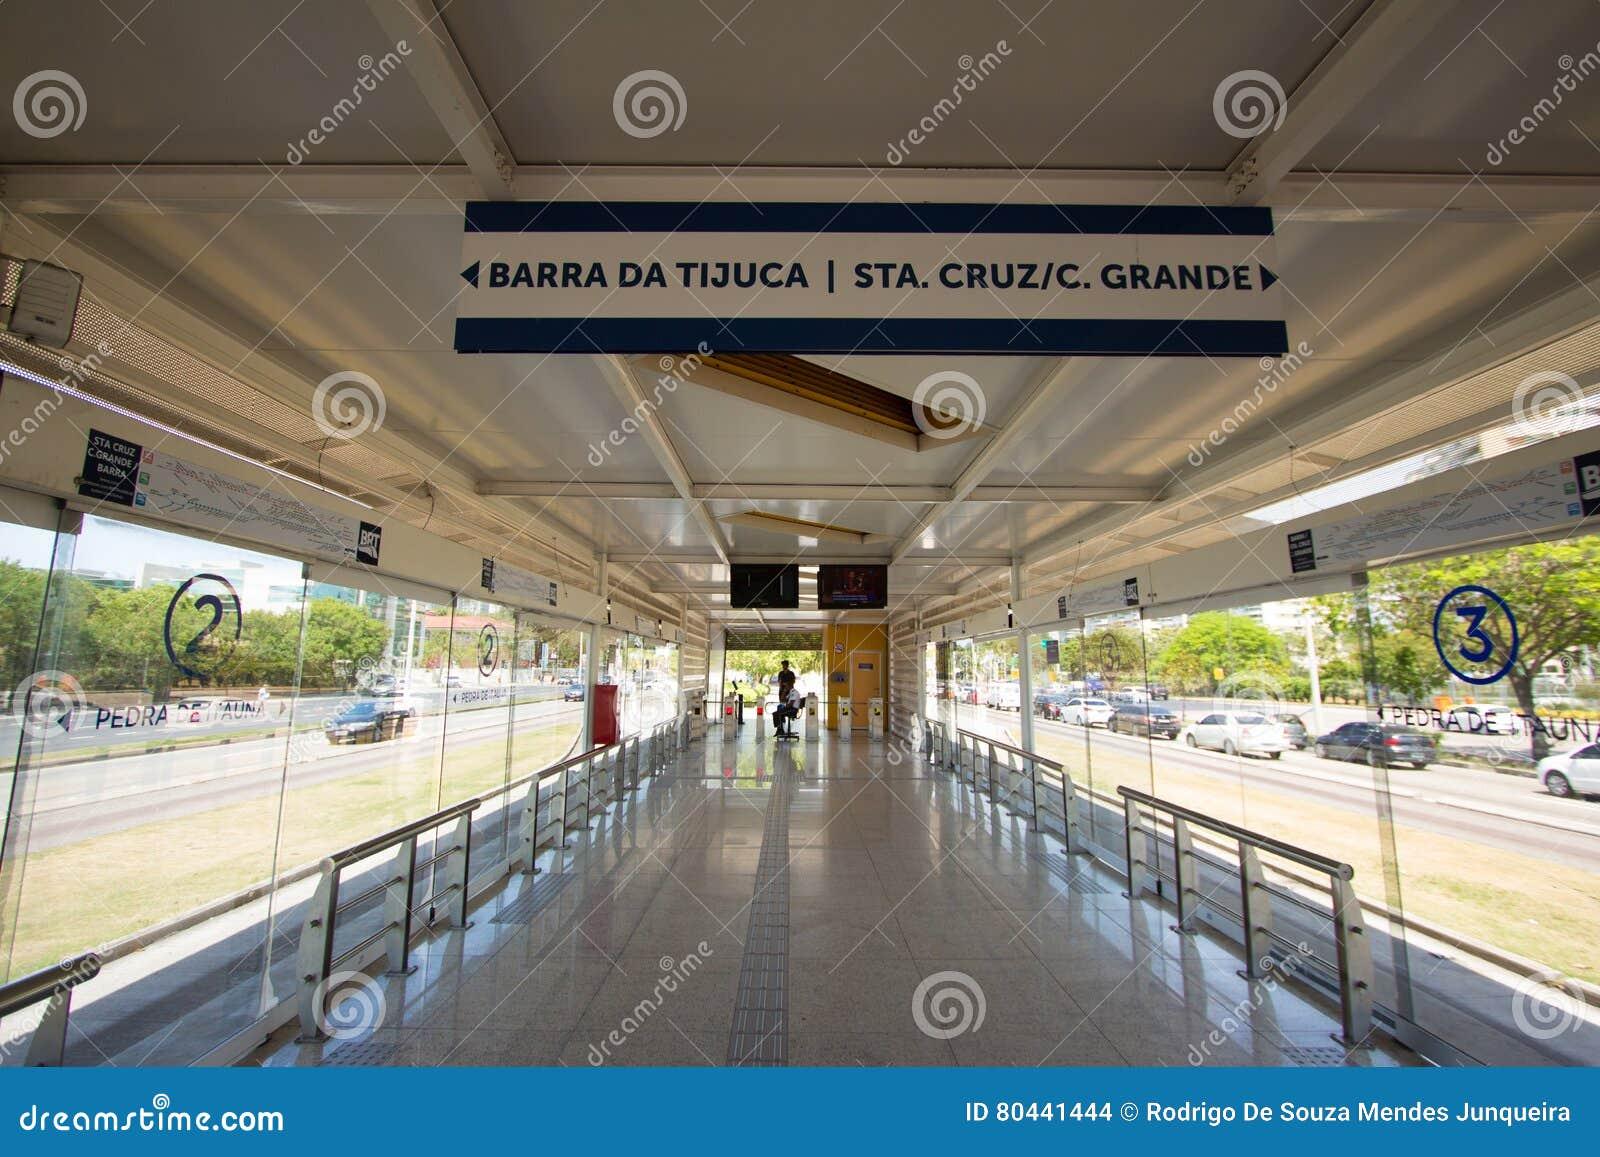 Brt Station in Barra da Tijuca